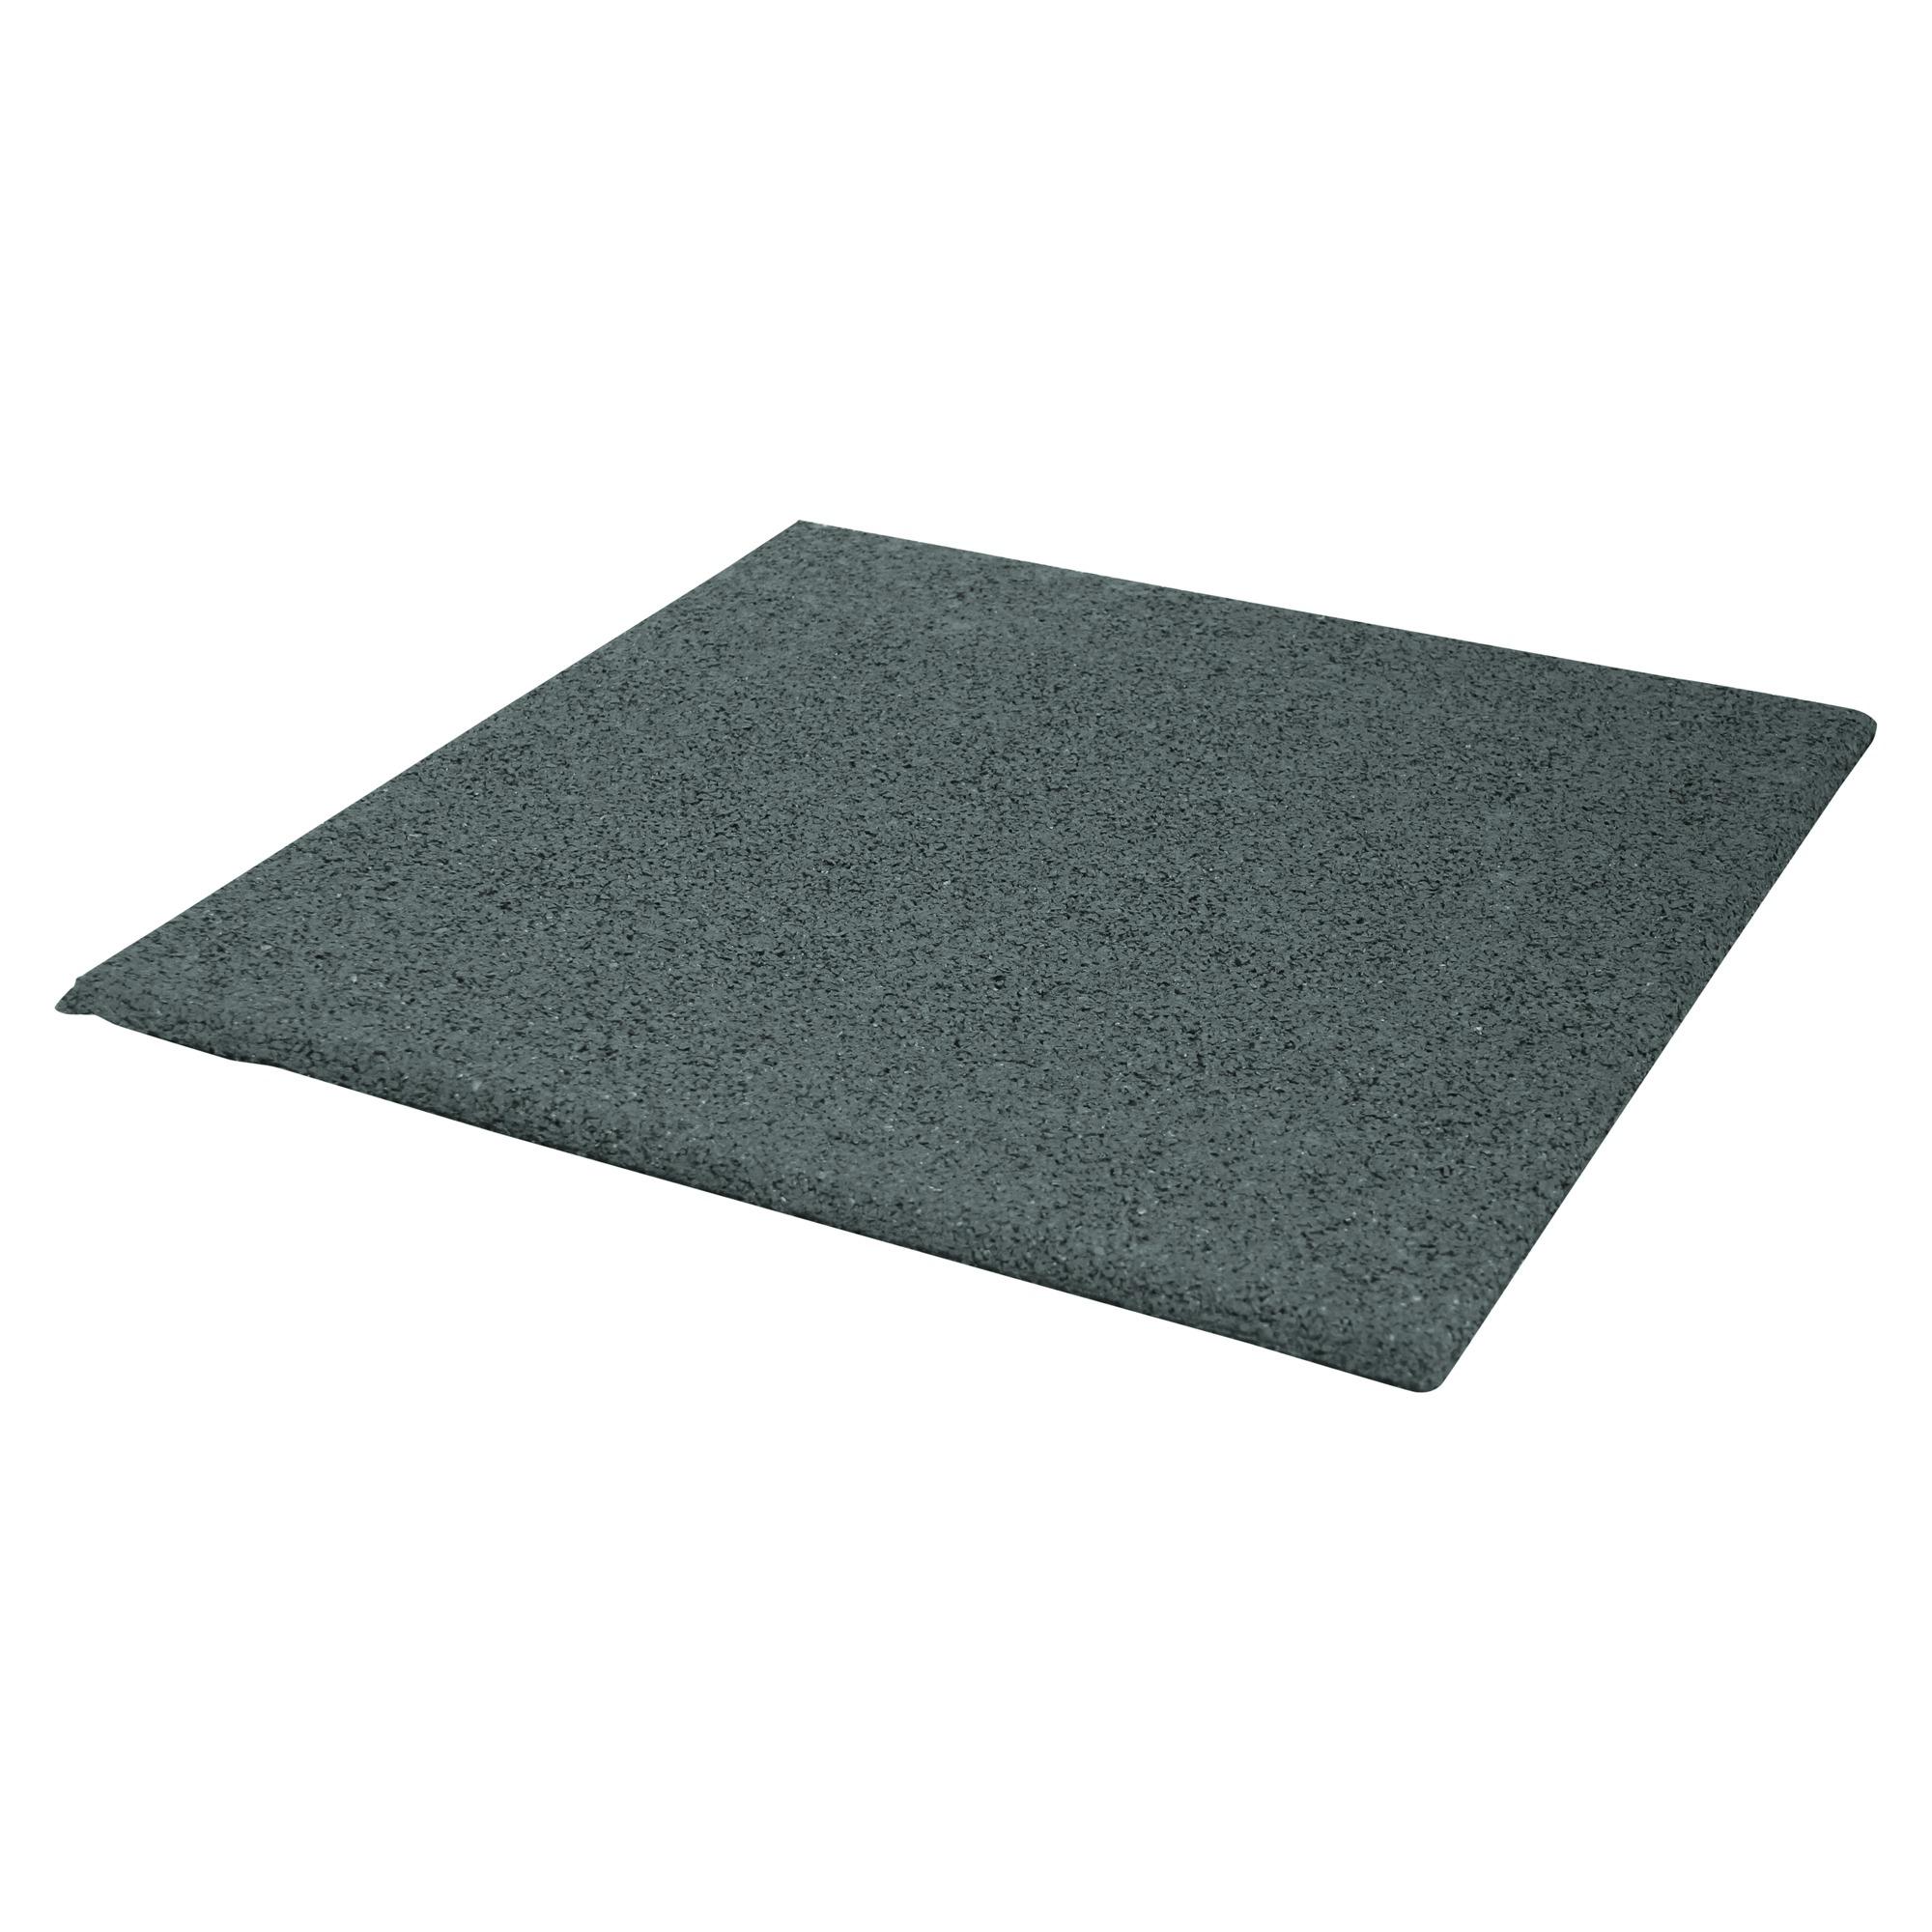 Terrastegel Rubber Grijs 40x40 cm - 240 Tegels - 38,40 m2